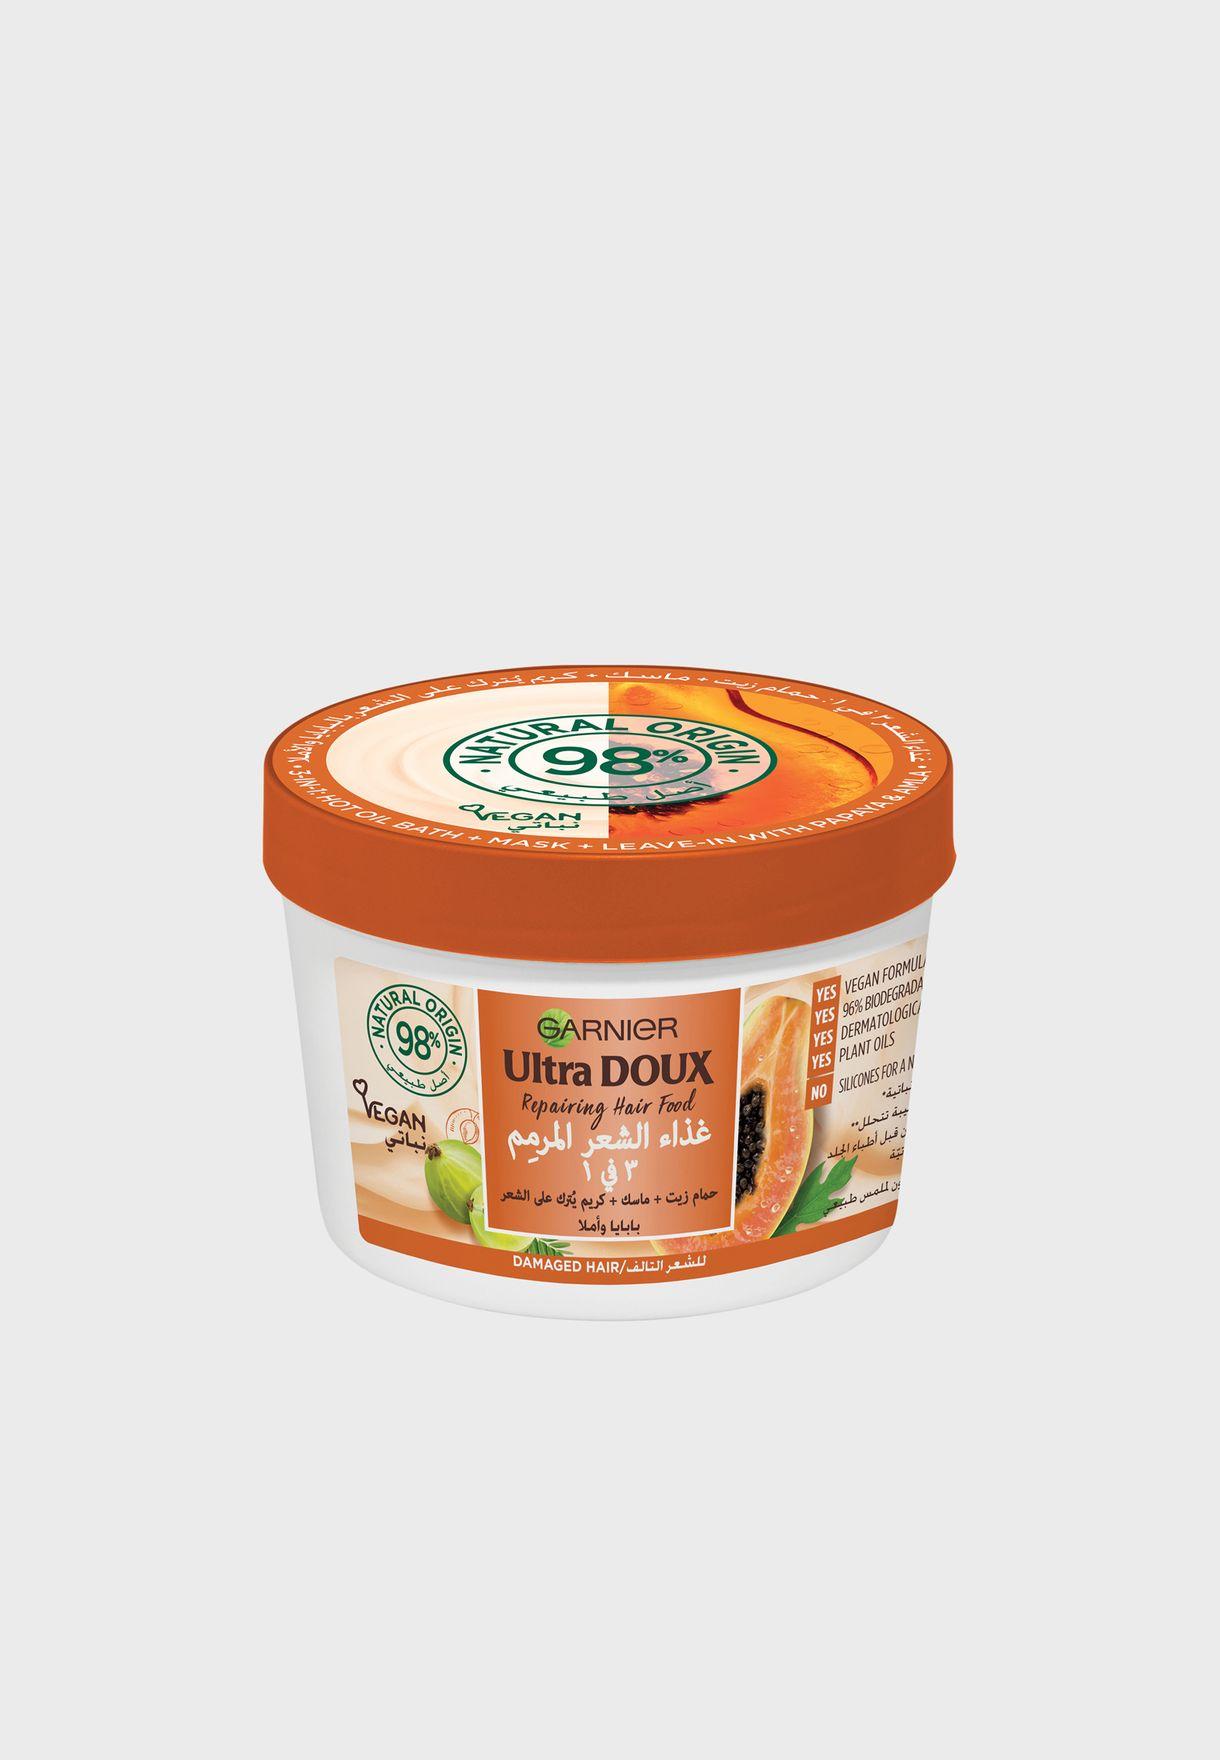 Ultra Doux Repairing Papaya 3-In-1 For Damaged Hair